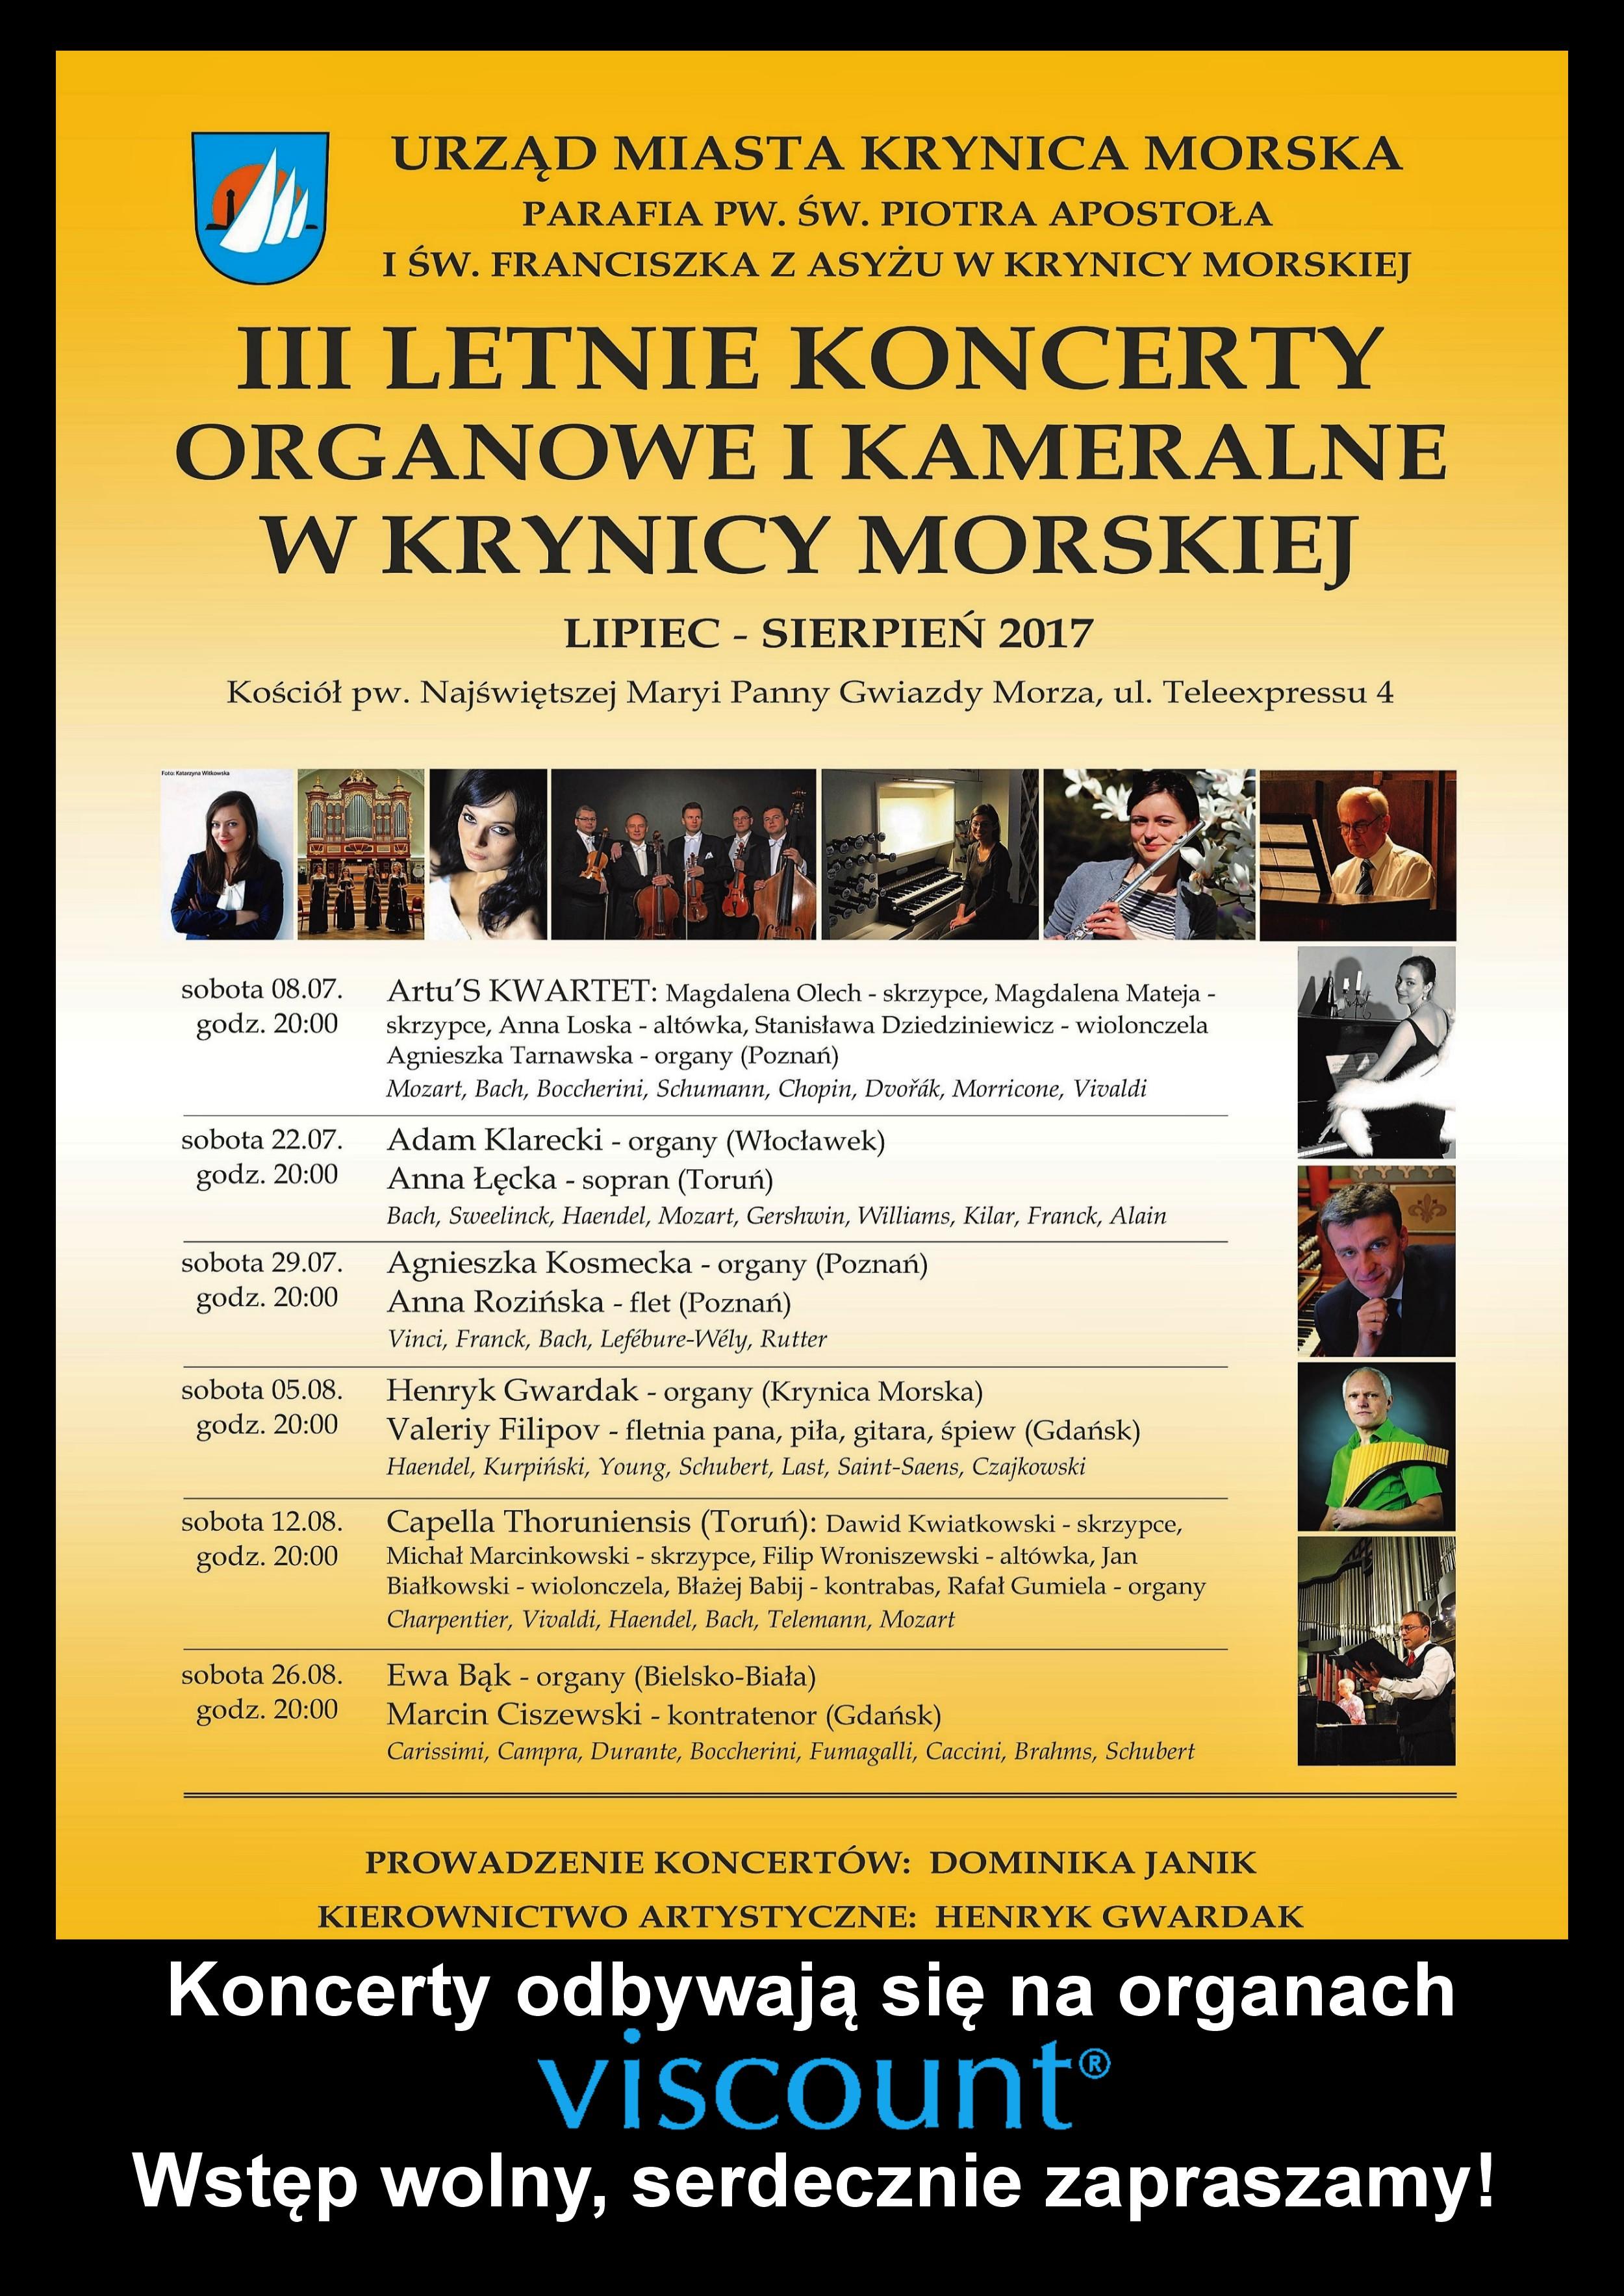 koncerty-organowe-krynica-morska